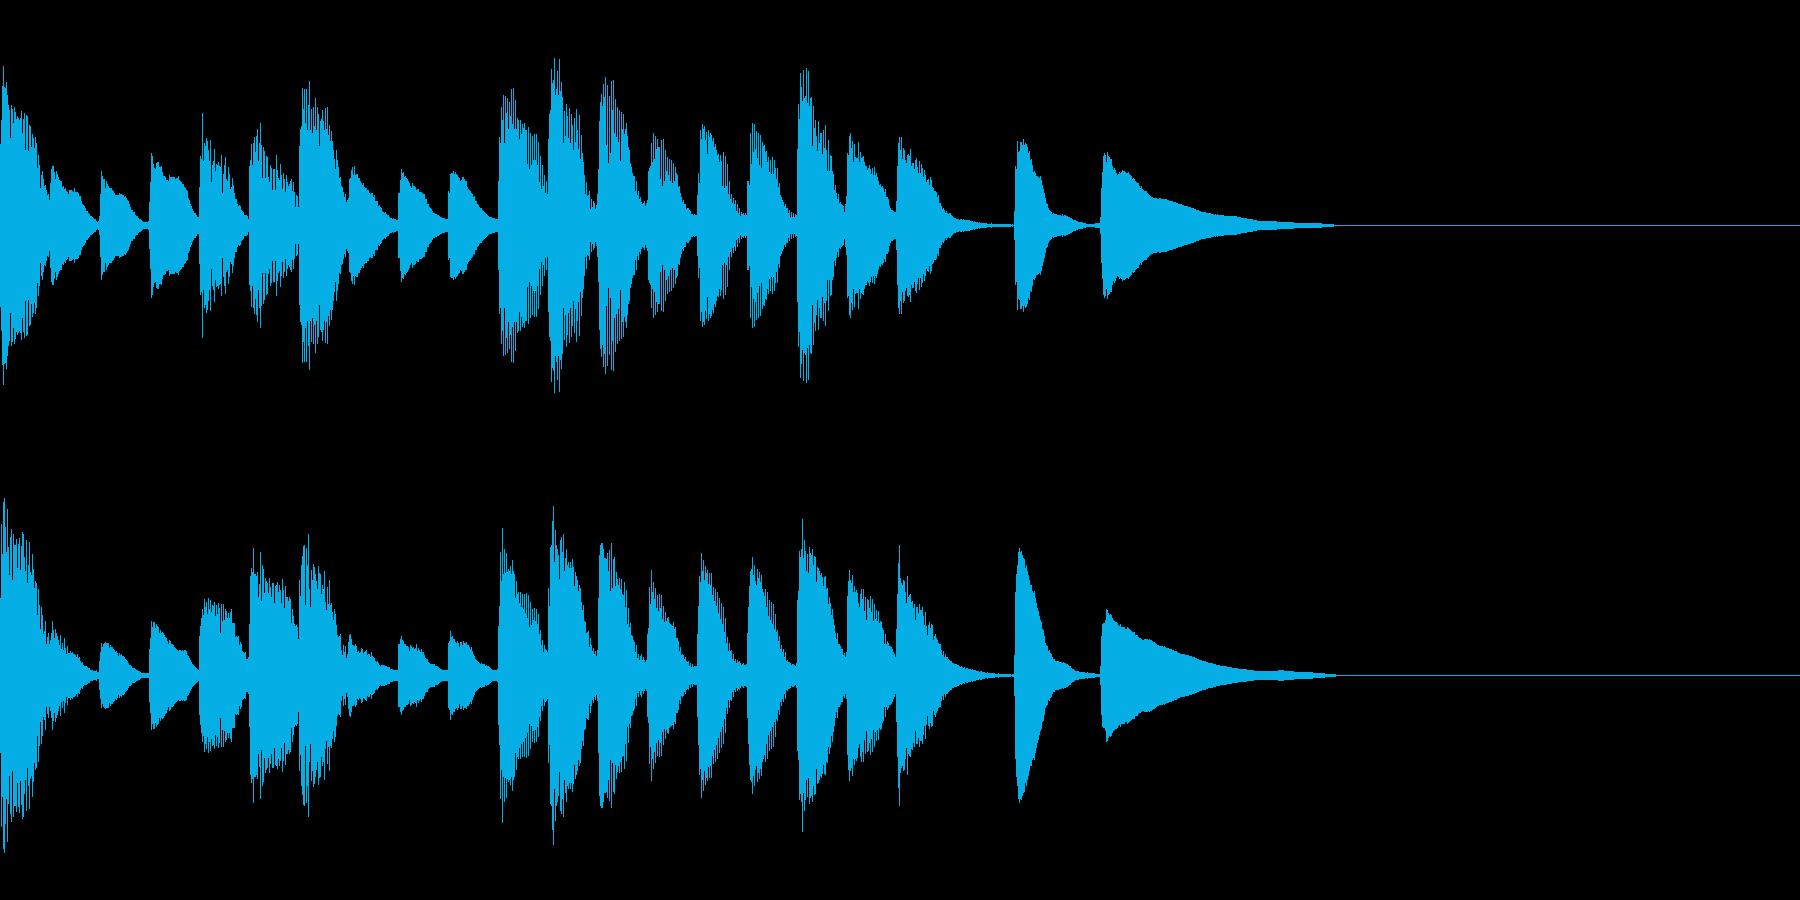 10秒以下のジングルの再生済みの波形